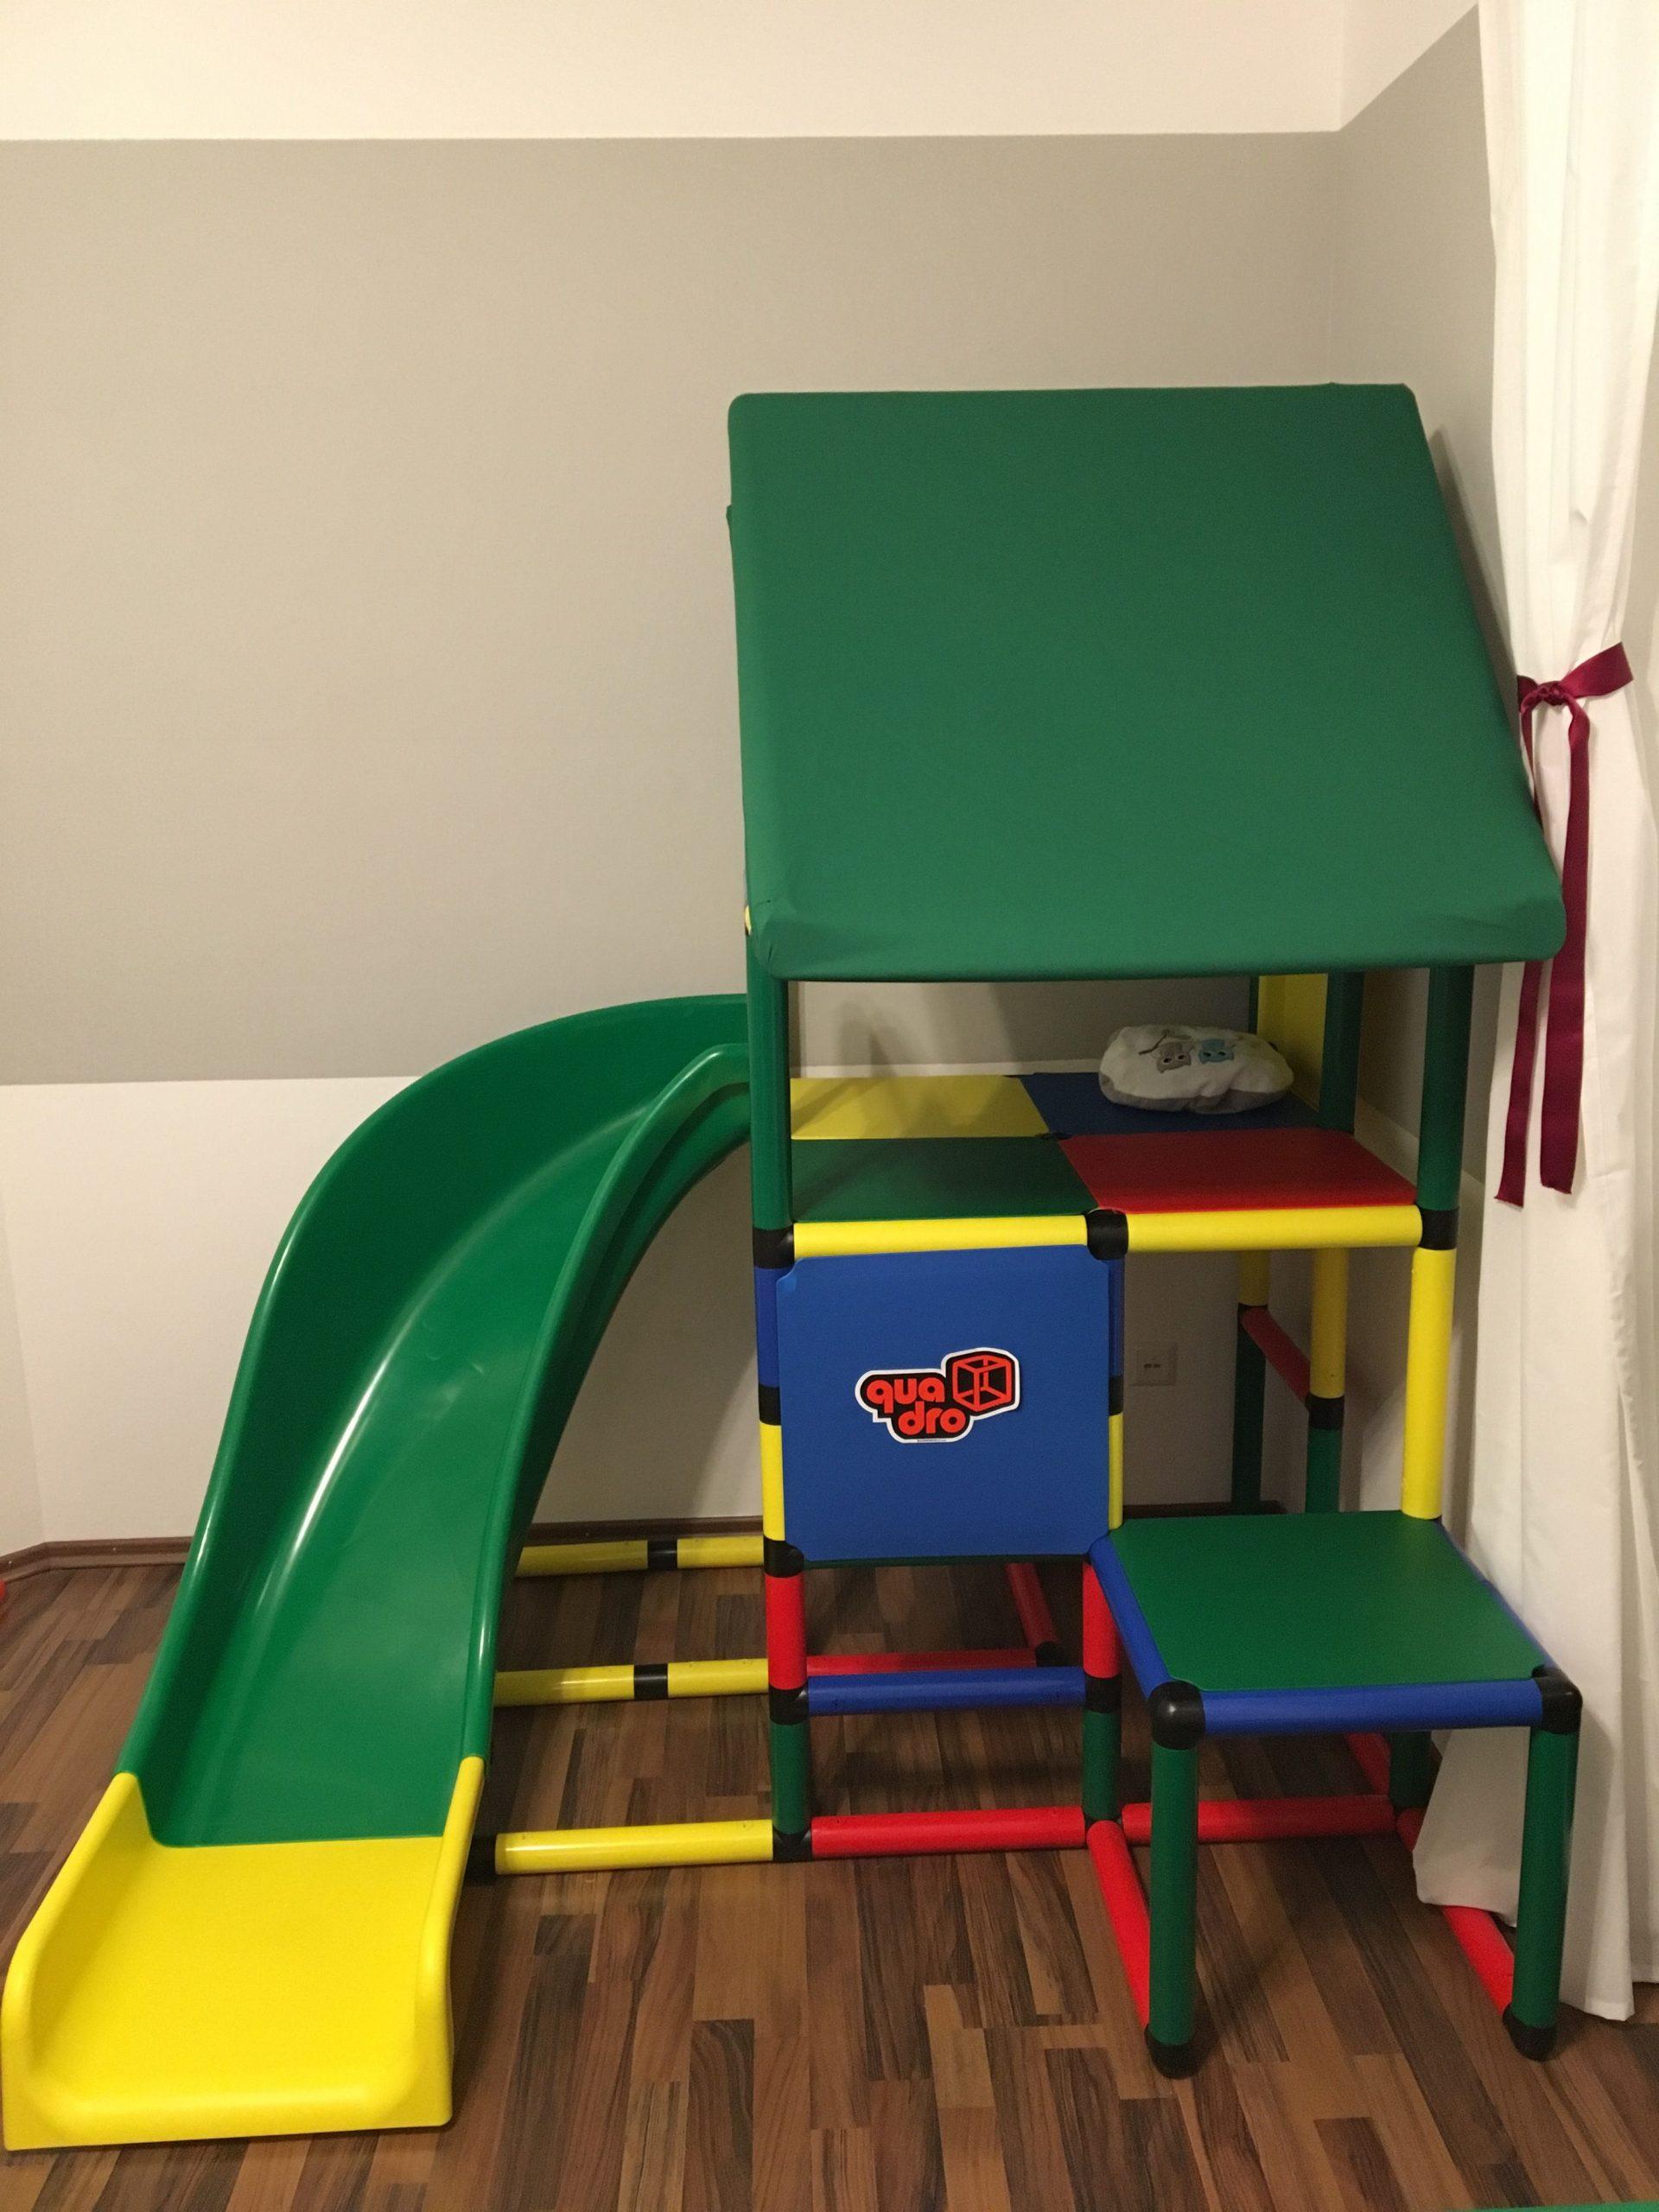 Full Size of Klettergerüst Indoor Klettergerst Von Quadro Frs Kinderzimmer Einfach Super Garten Wohnzimmer Klettergerüst Indoor